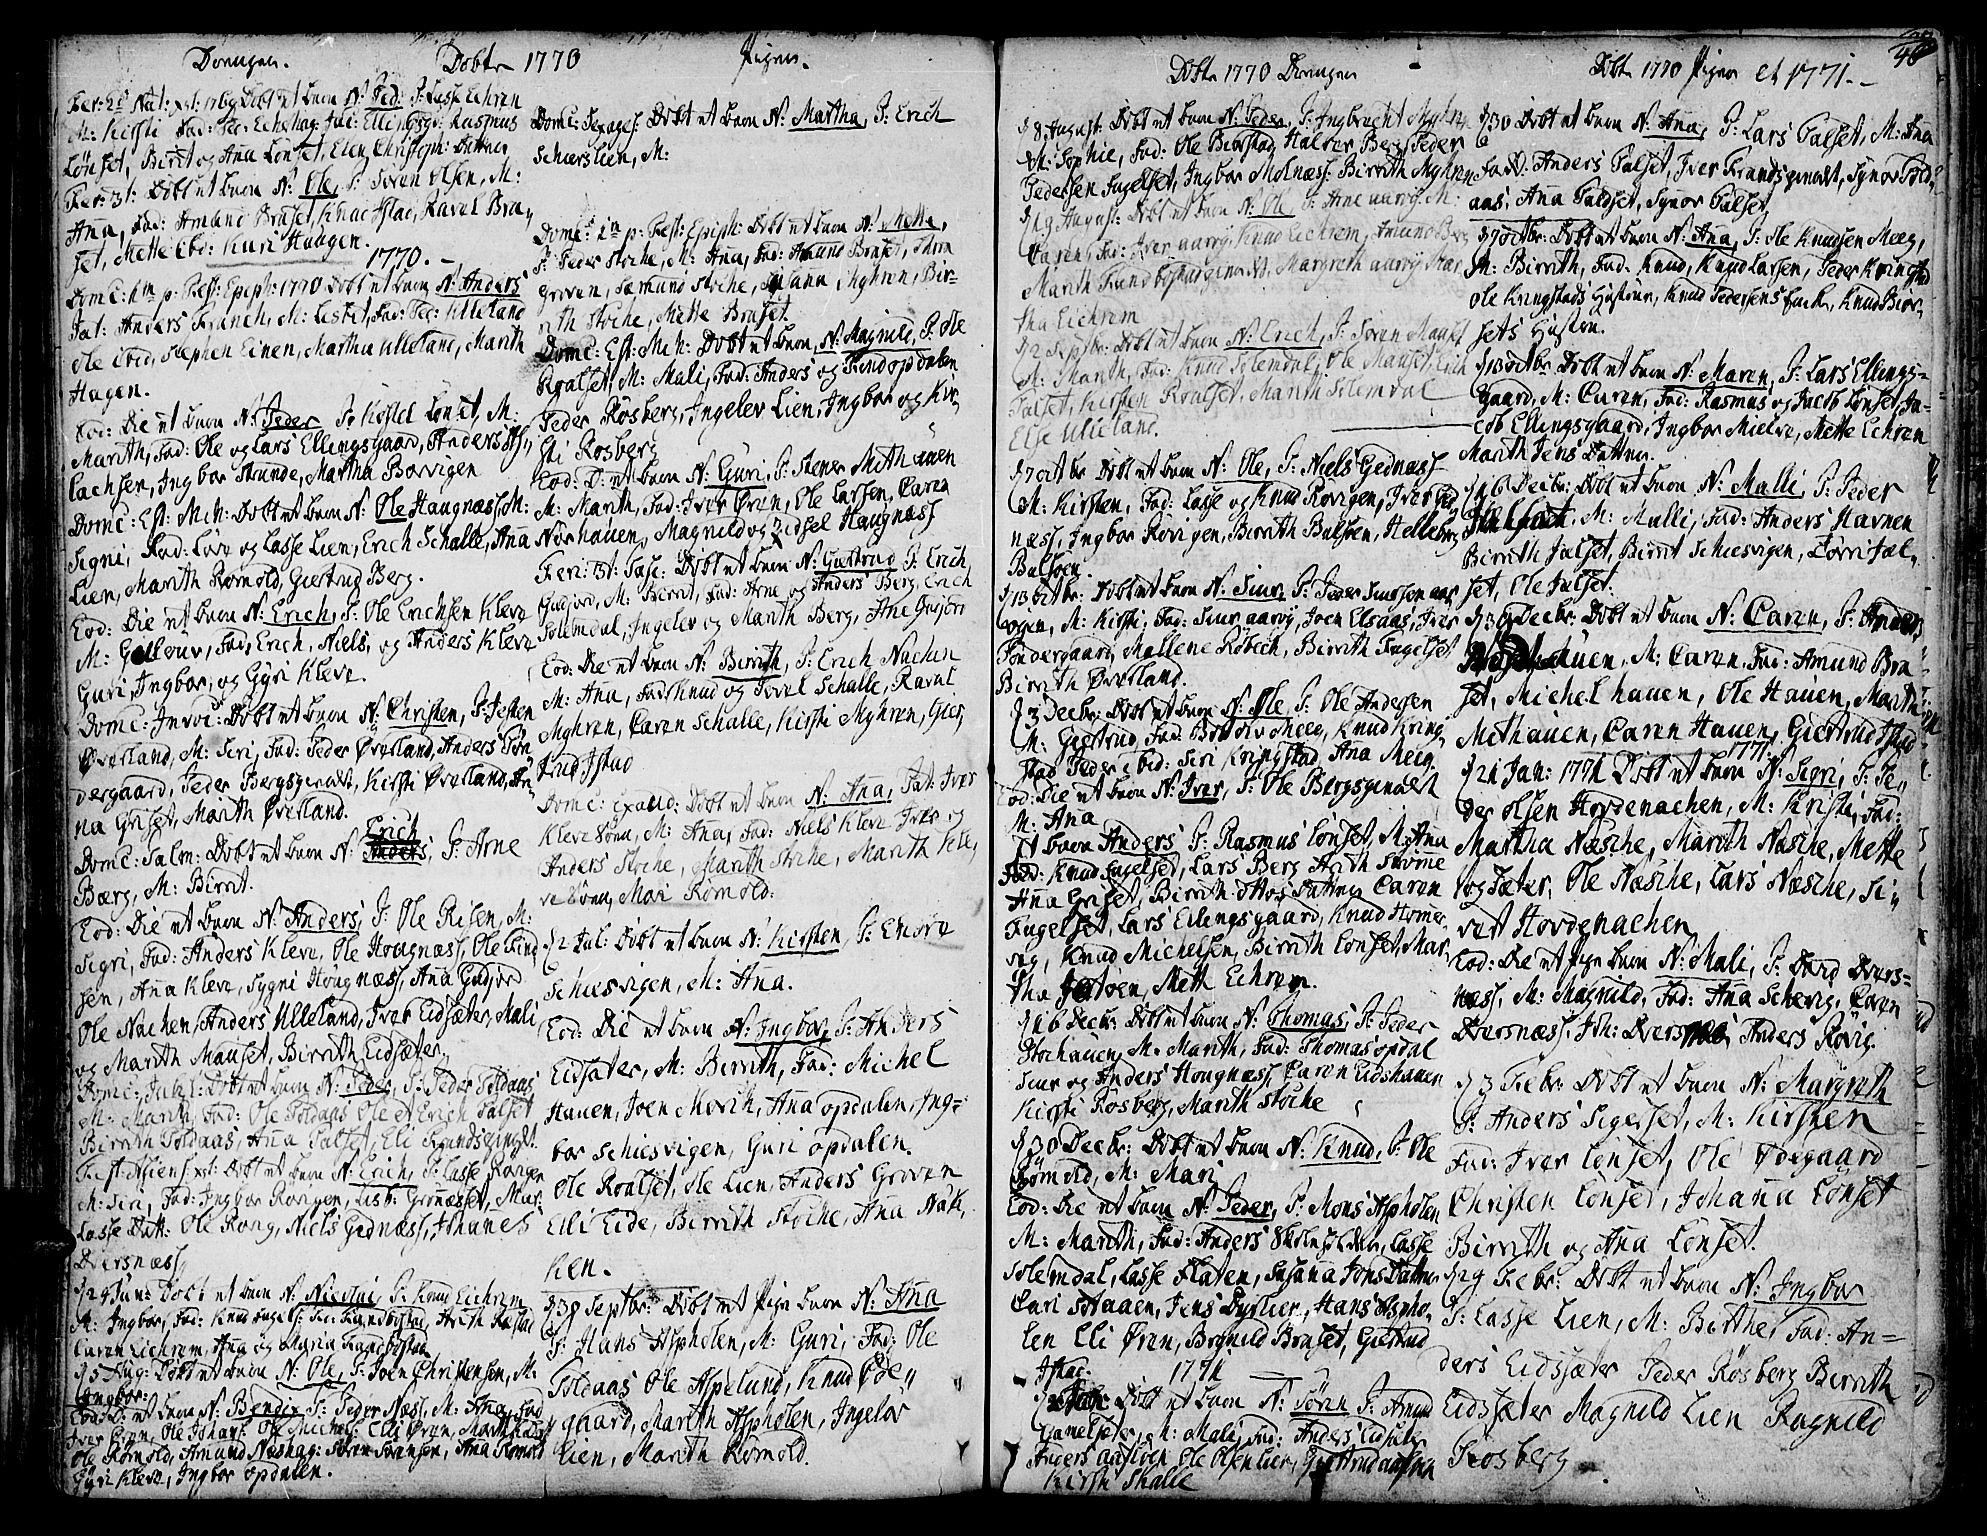 SAT, Ministerialprotokoller, klokkerbøker og fødselsregistre - Møre og Romsdal, 555/L0648: Ministerialbok nr. 555A01, 1759-1793, s. 46